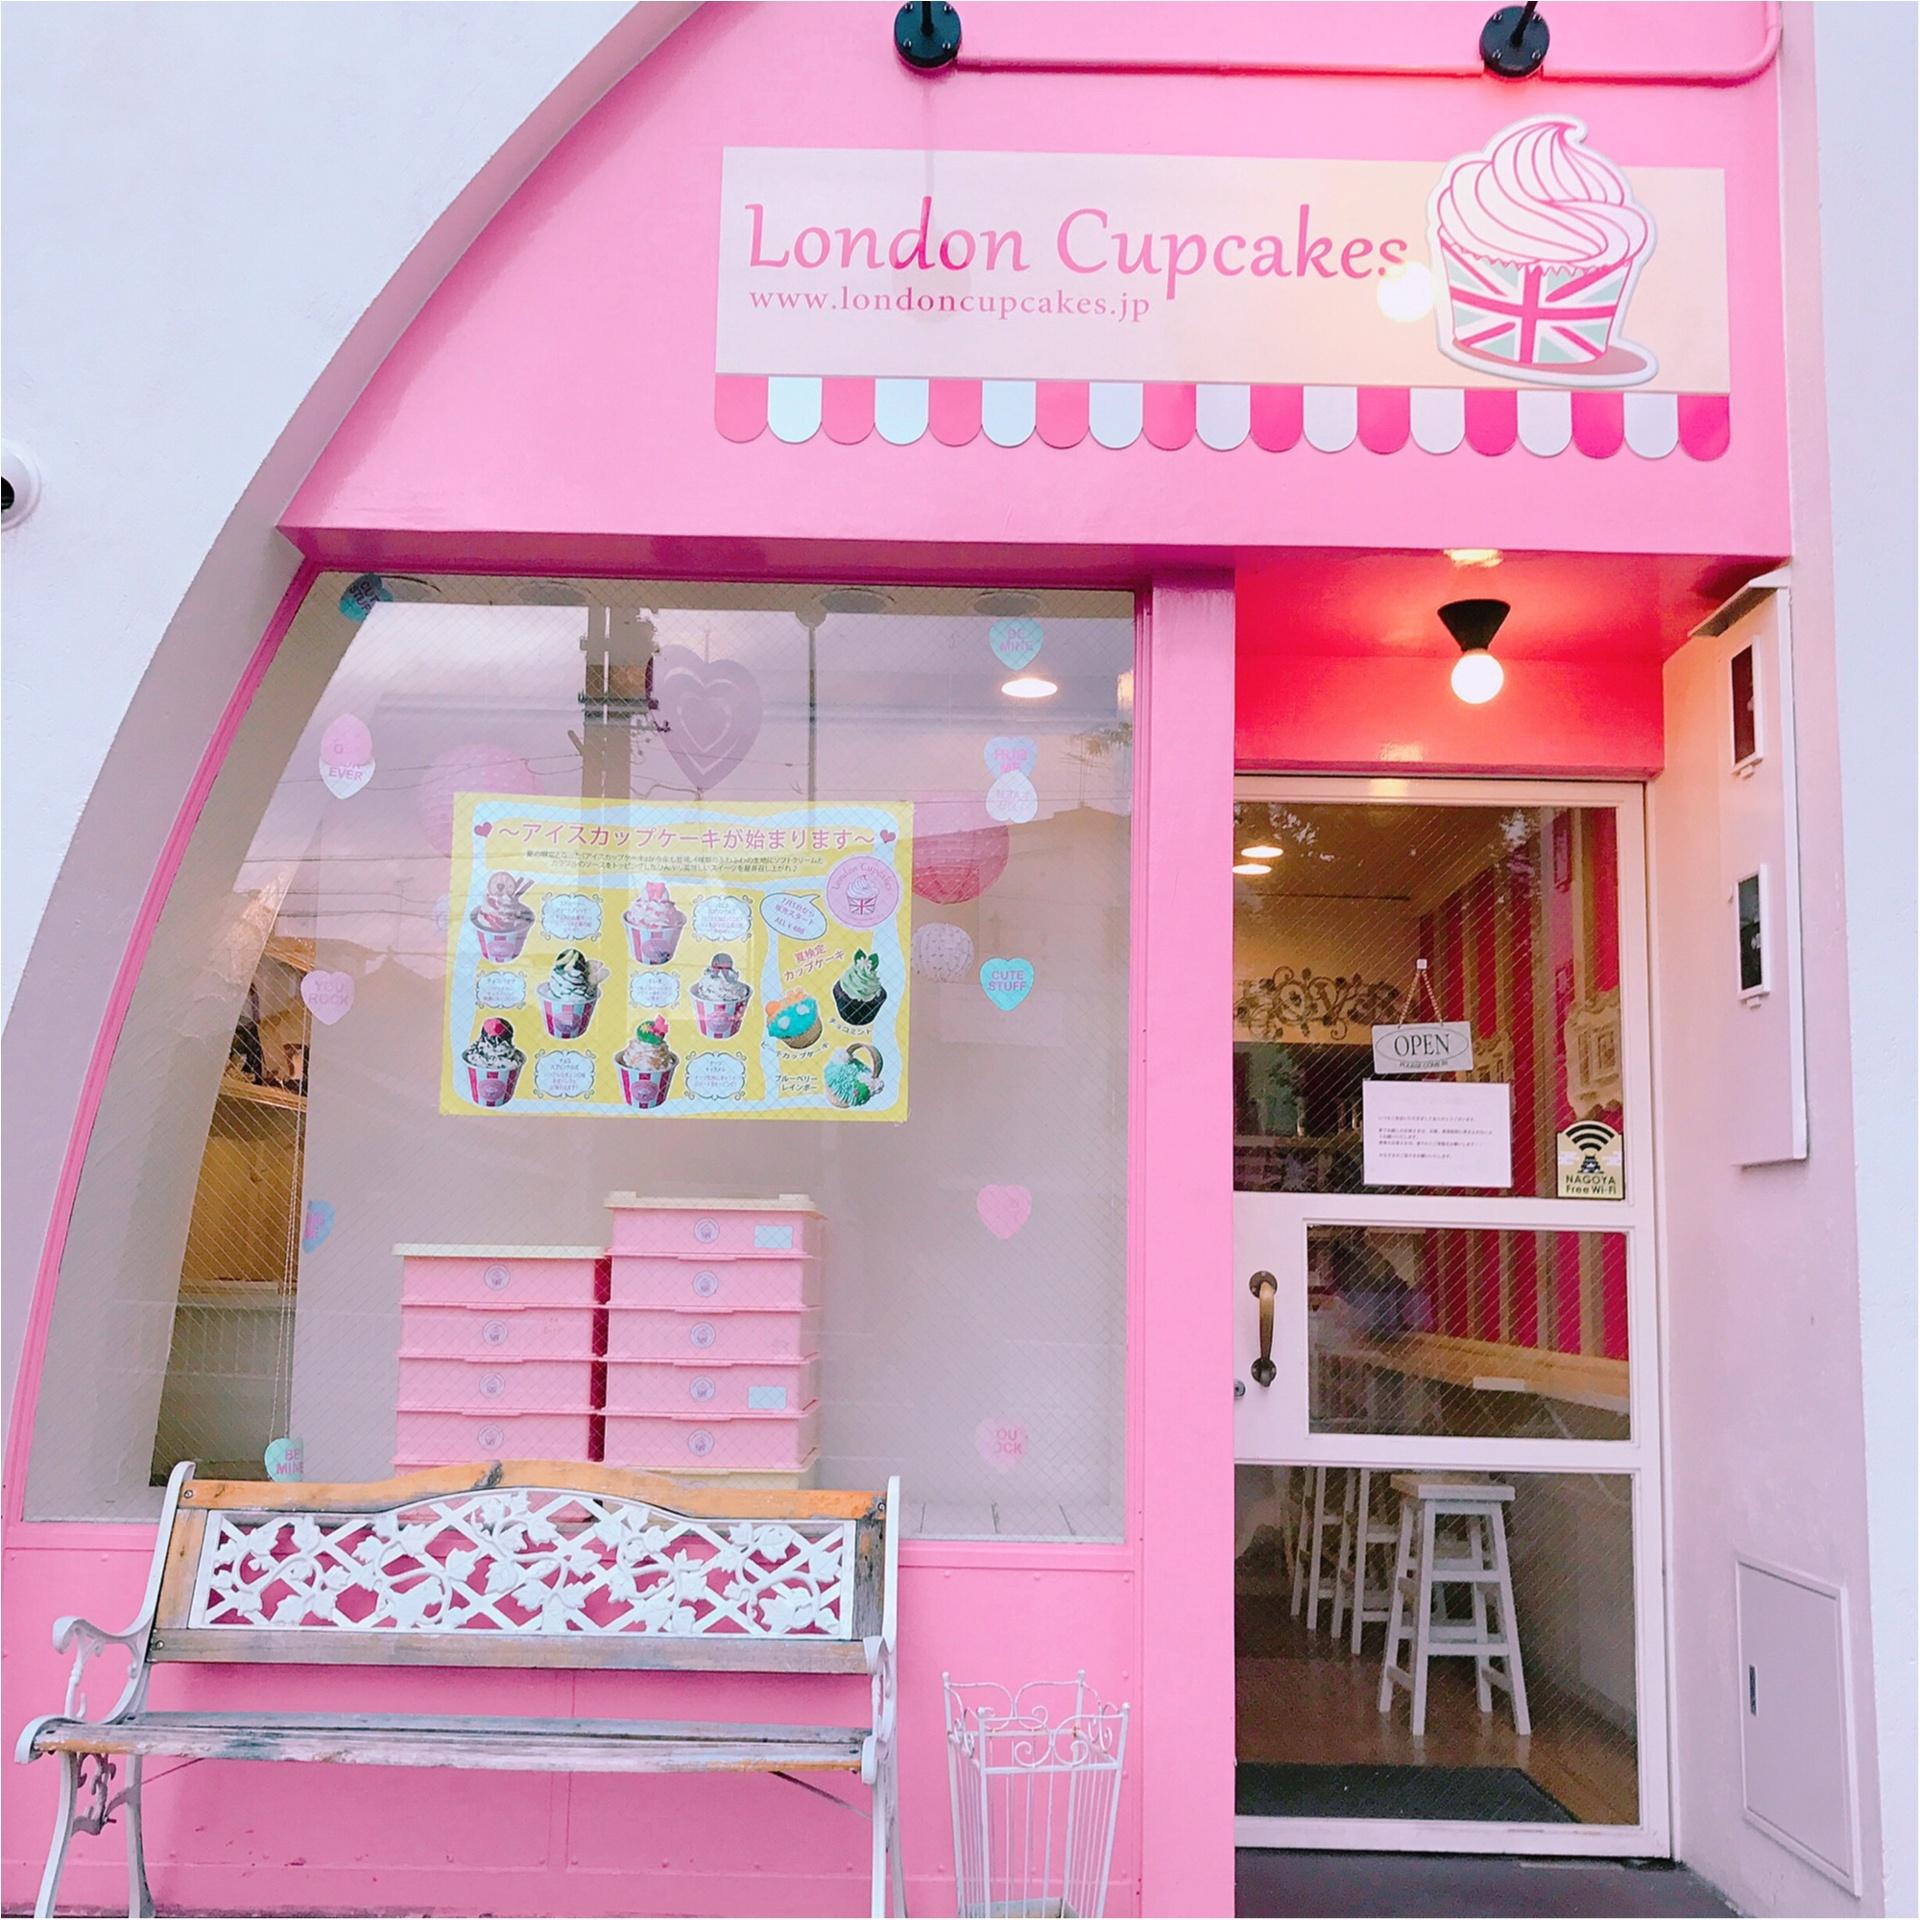 ★これからの時期には欠かせない⁈手土産にオススメ♡『London Cupcakes』のカップケーキ★_2